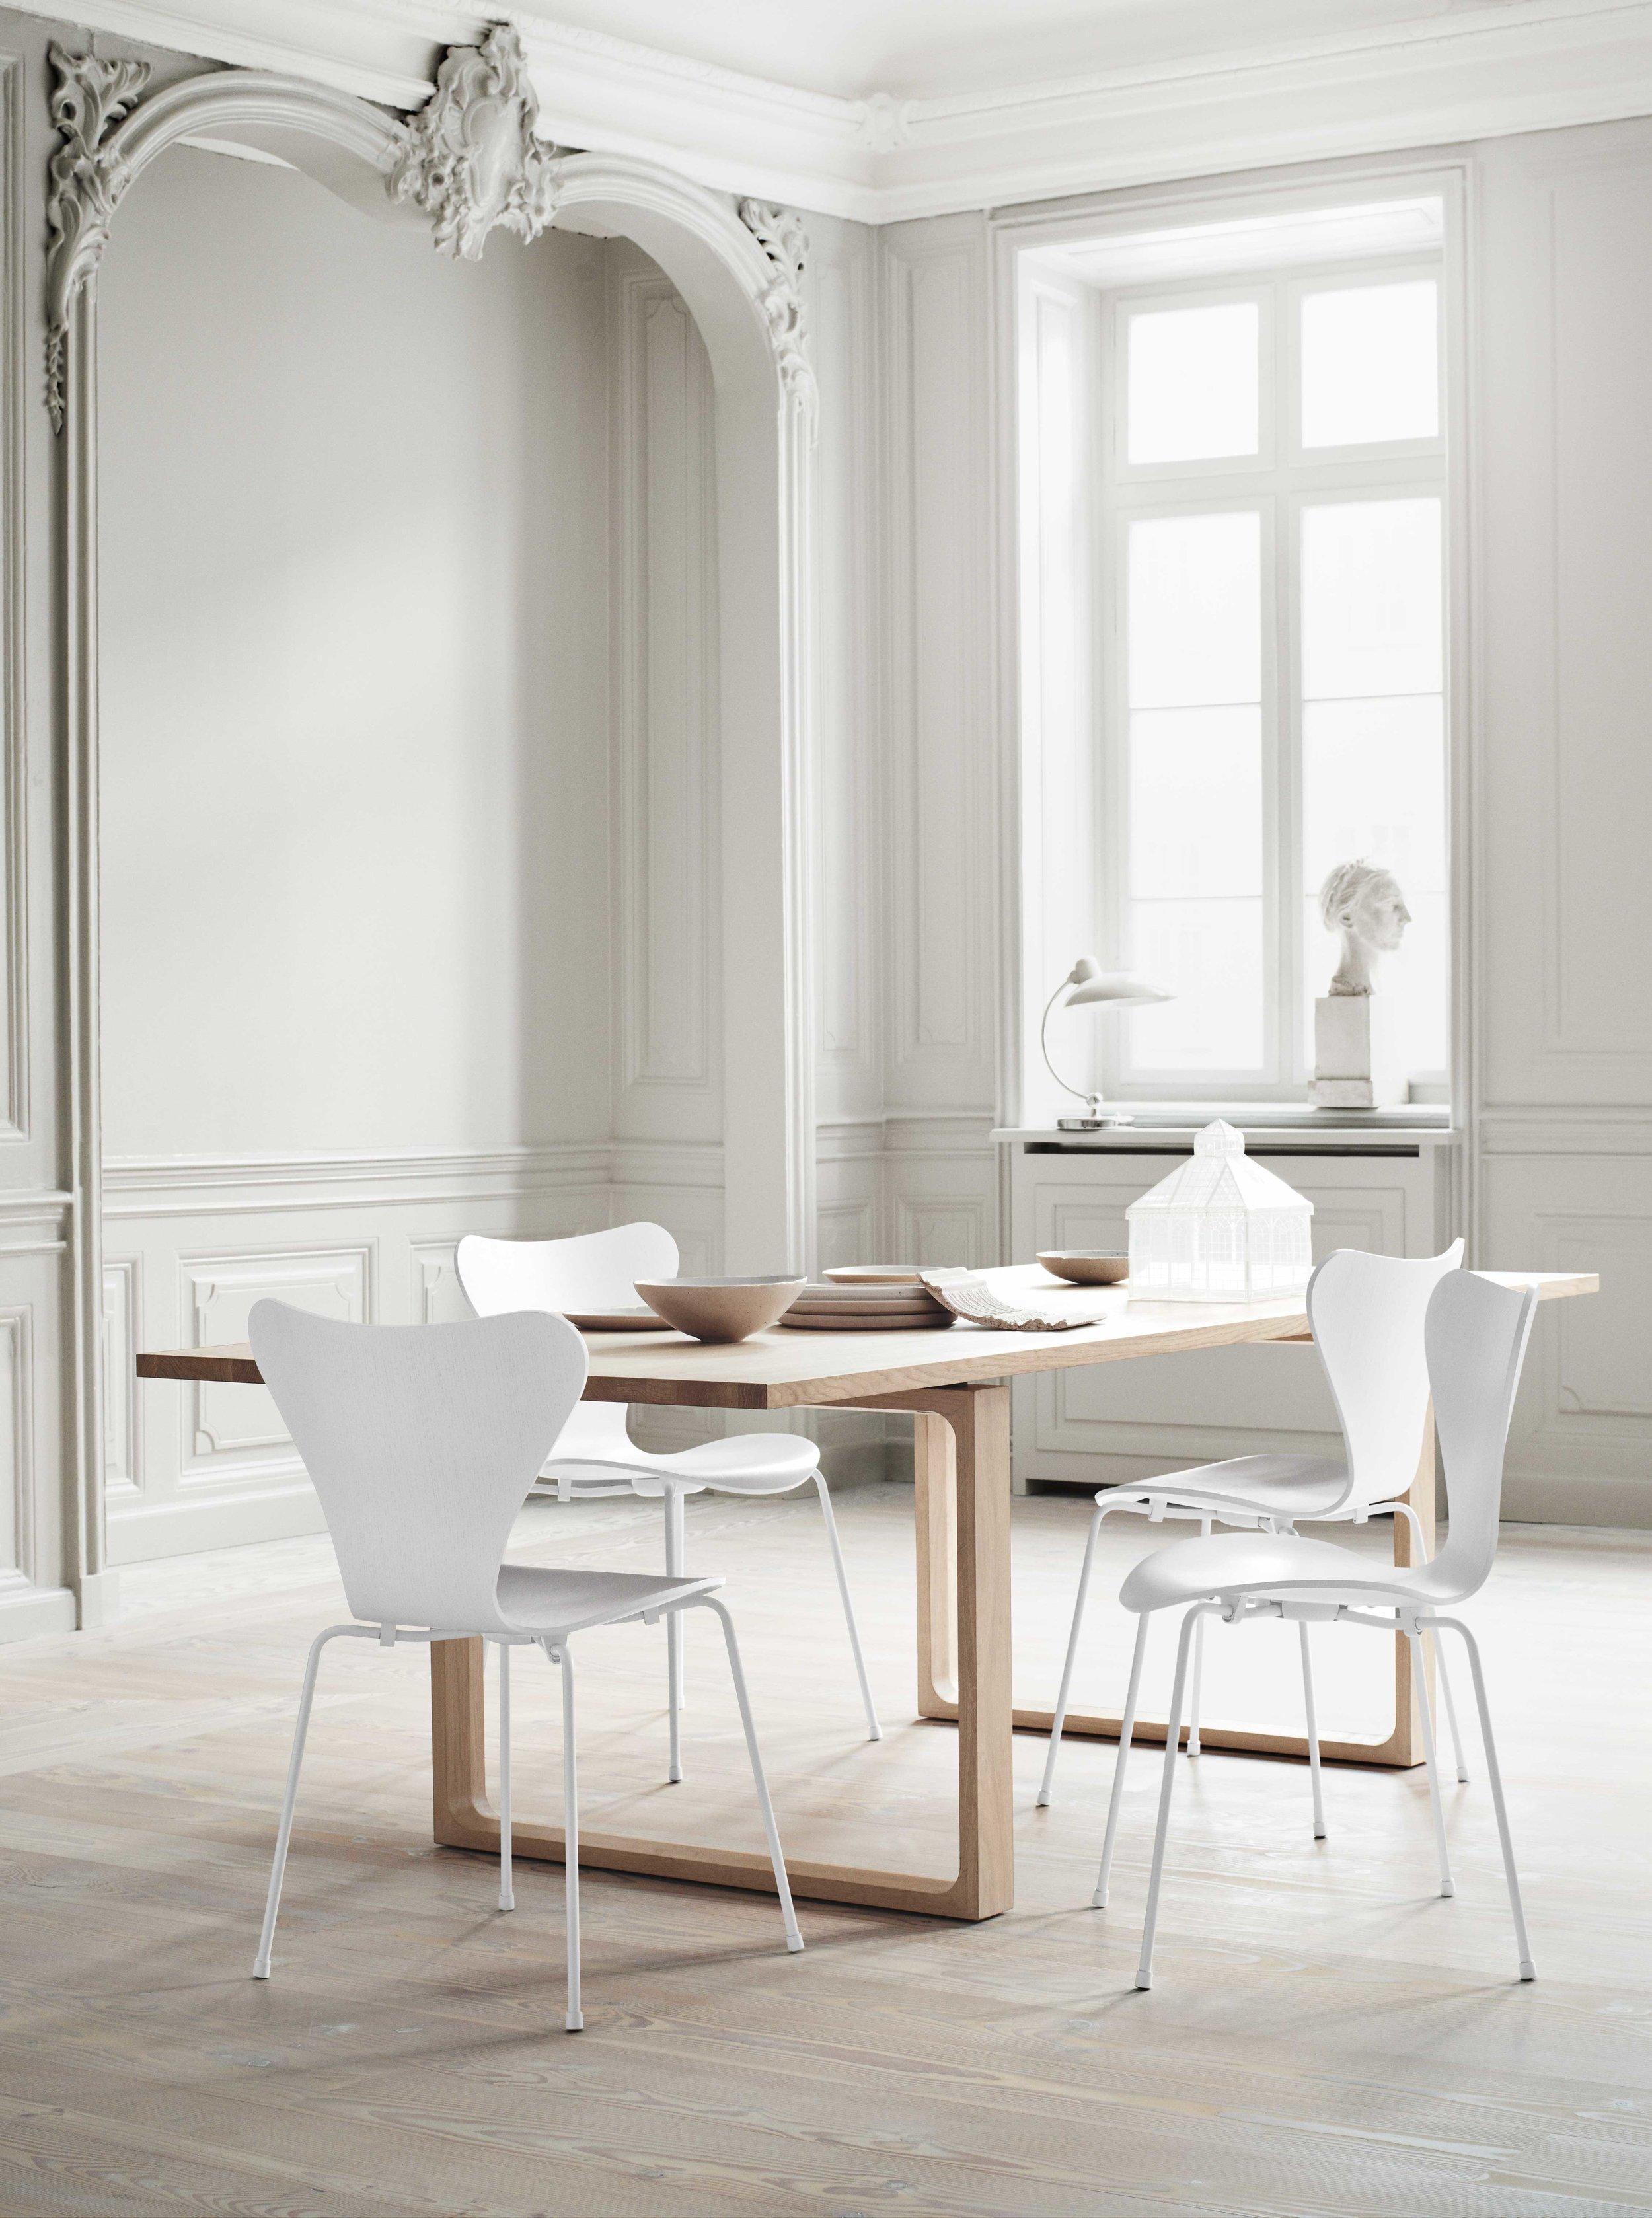 Det fins ikke finere design enn klassiske godbiter, gjør det vel? Vi nyter synet av 7èren signert Arne Jacobsen for Fritz Hansen. Du får stolene hos vår lokale partner på Hop, Berle Møbler & Interiør.